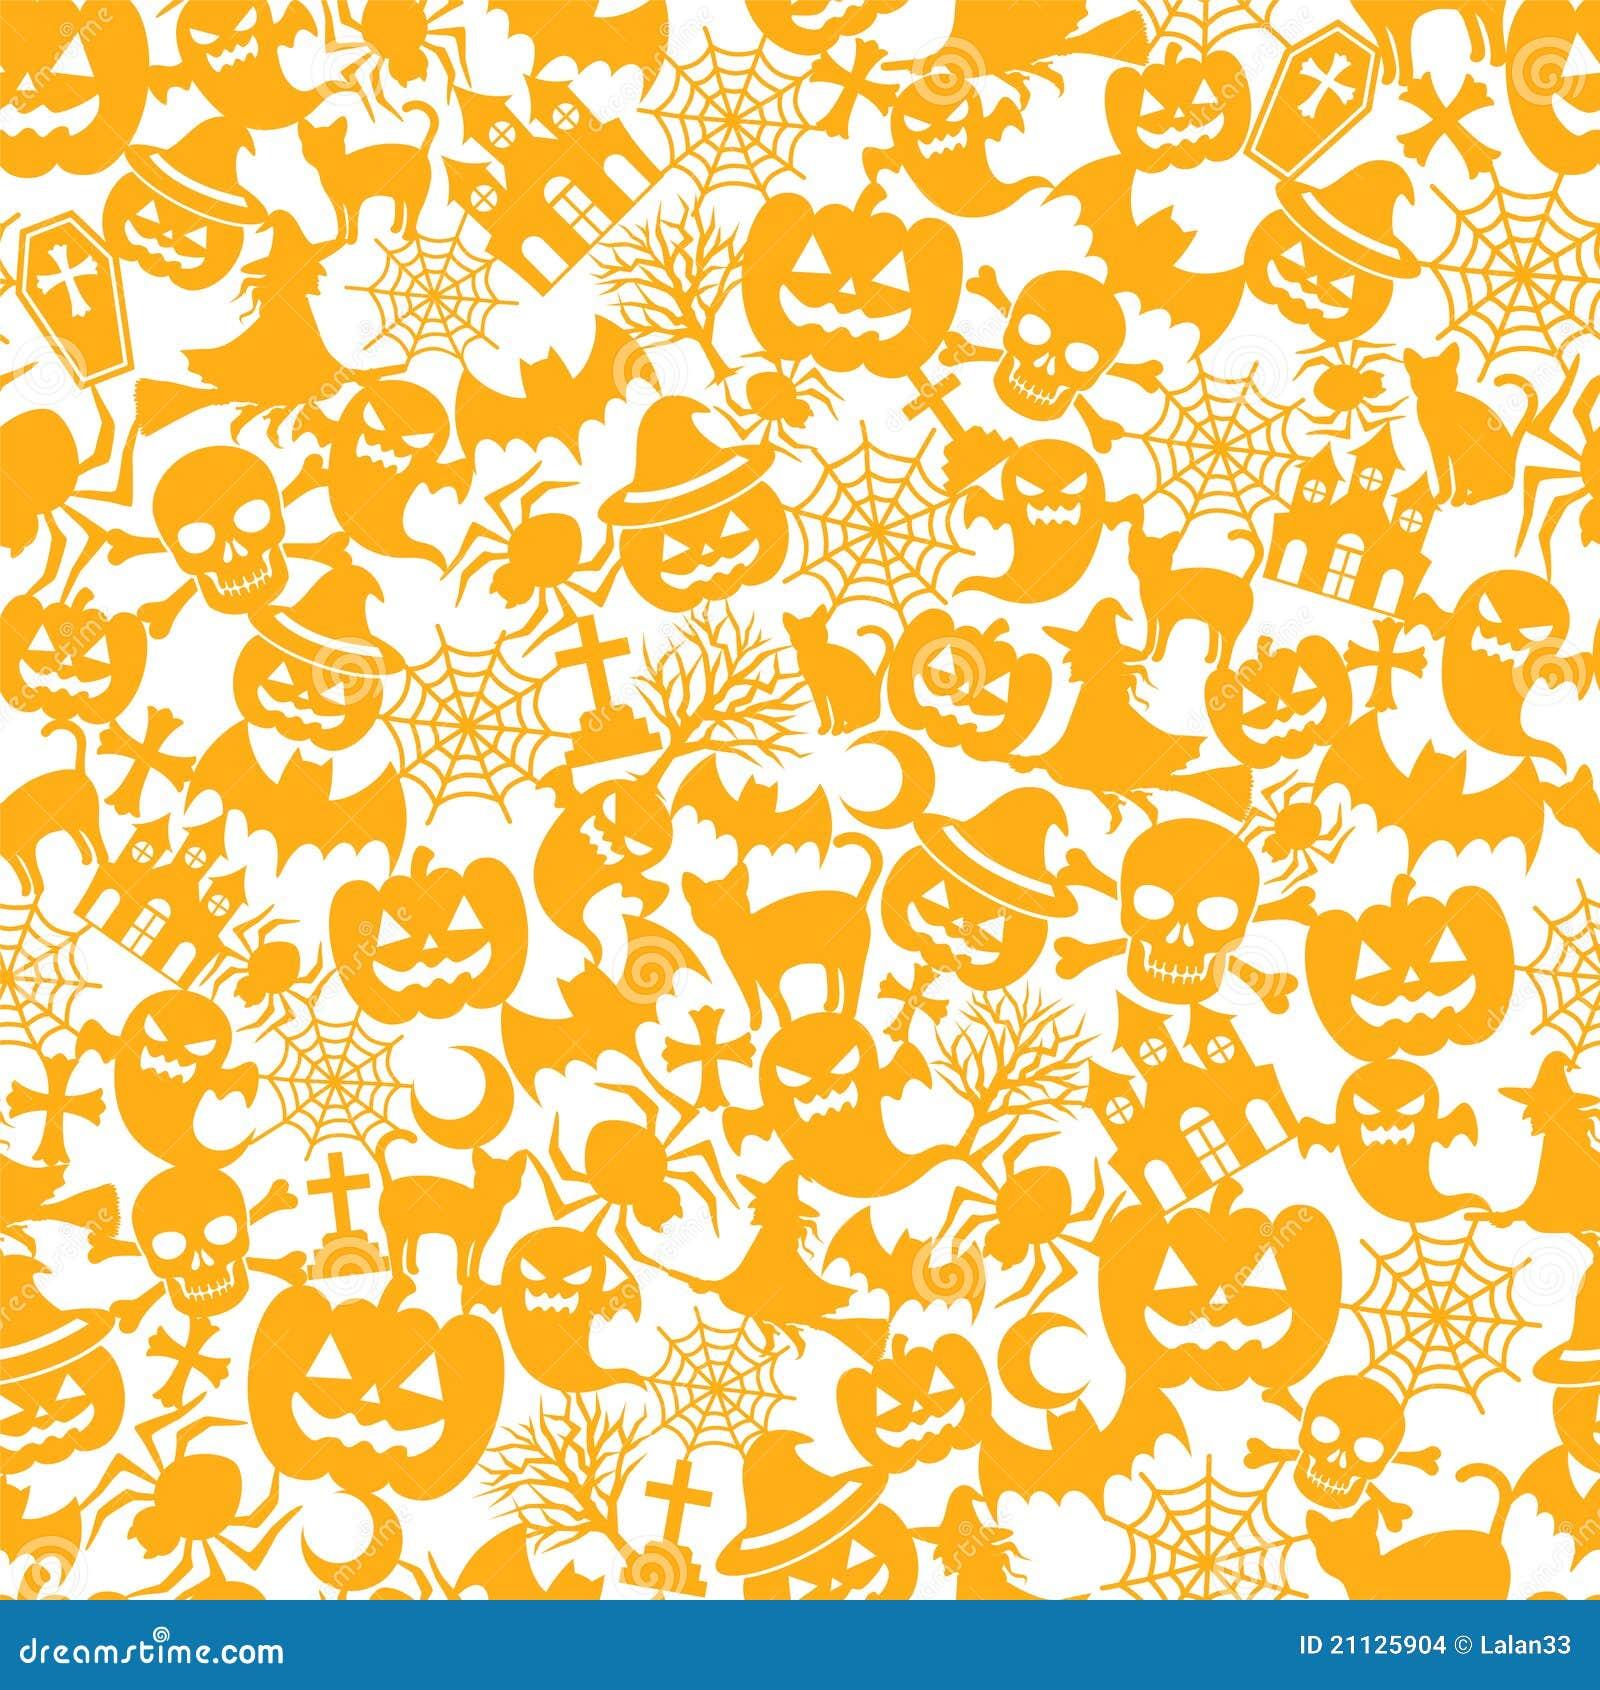 Halloween Orange Background Stock Images Image 21125904